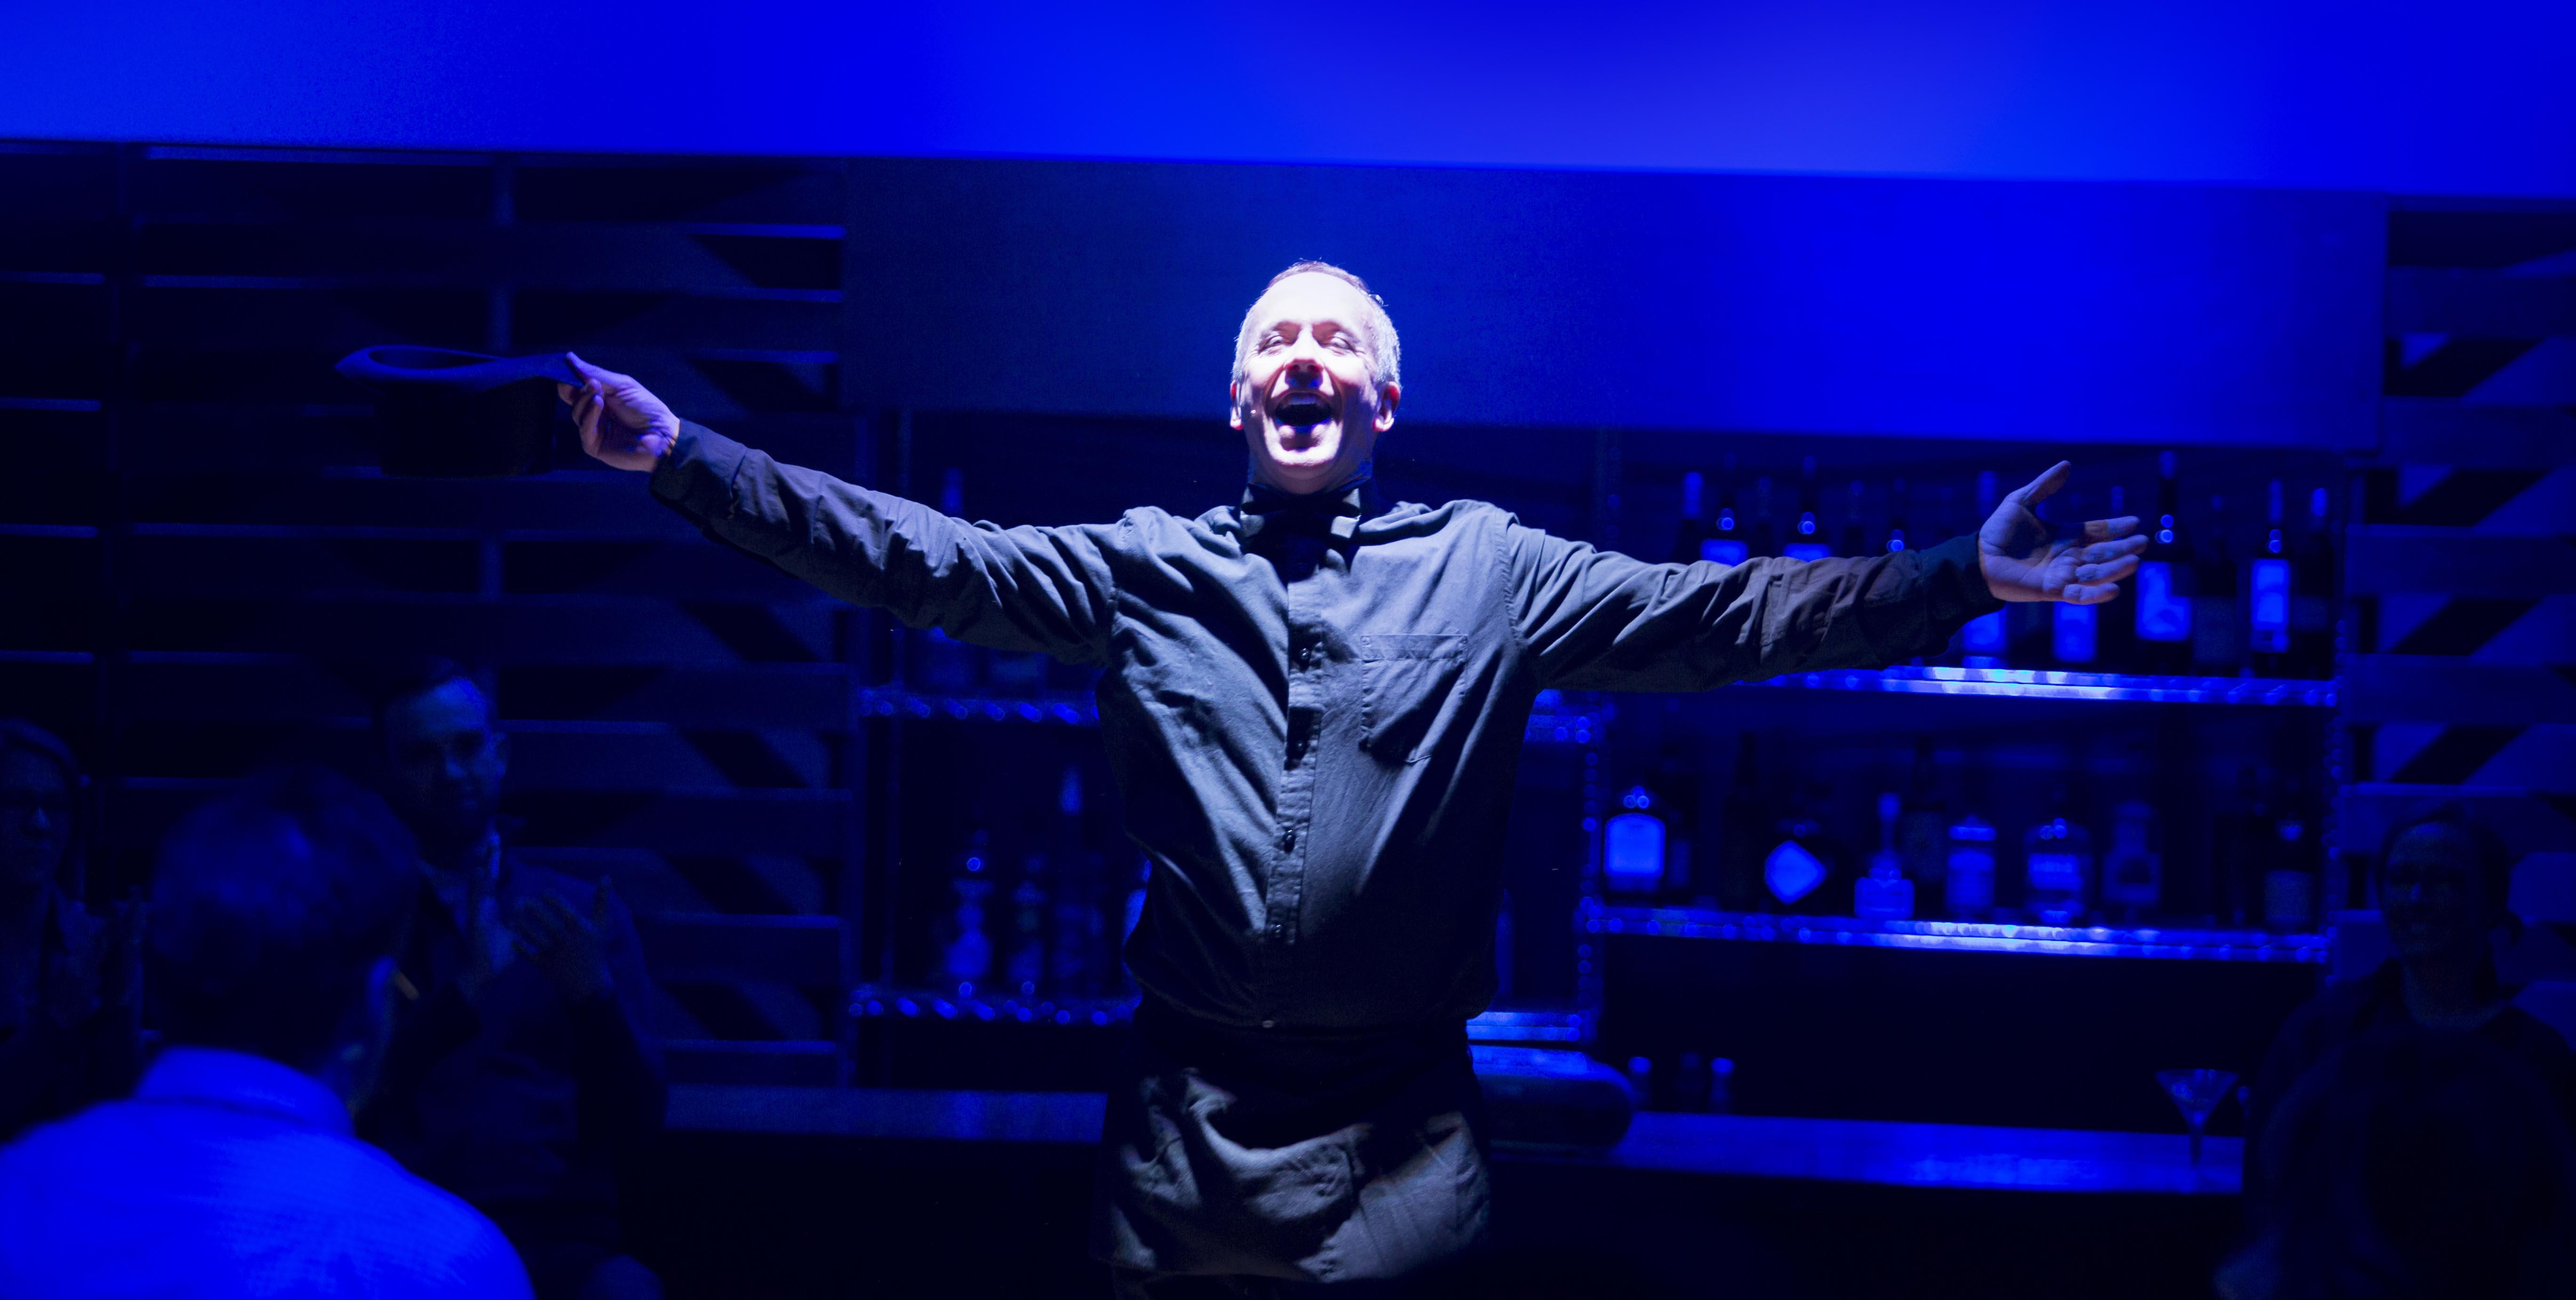 Duane Hespell as The Waiter